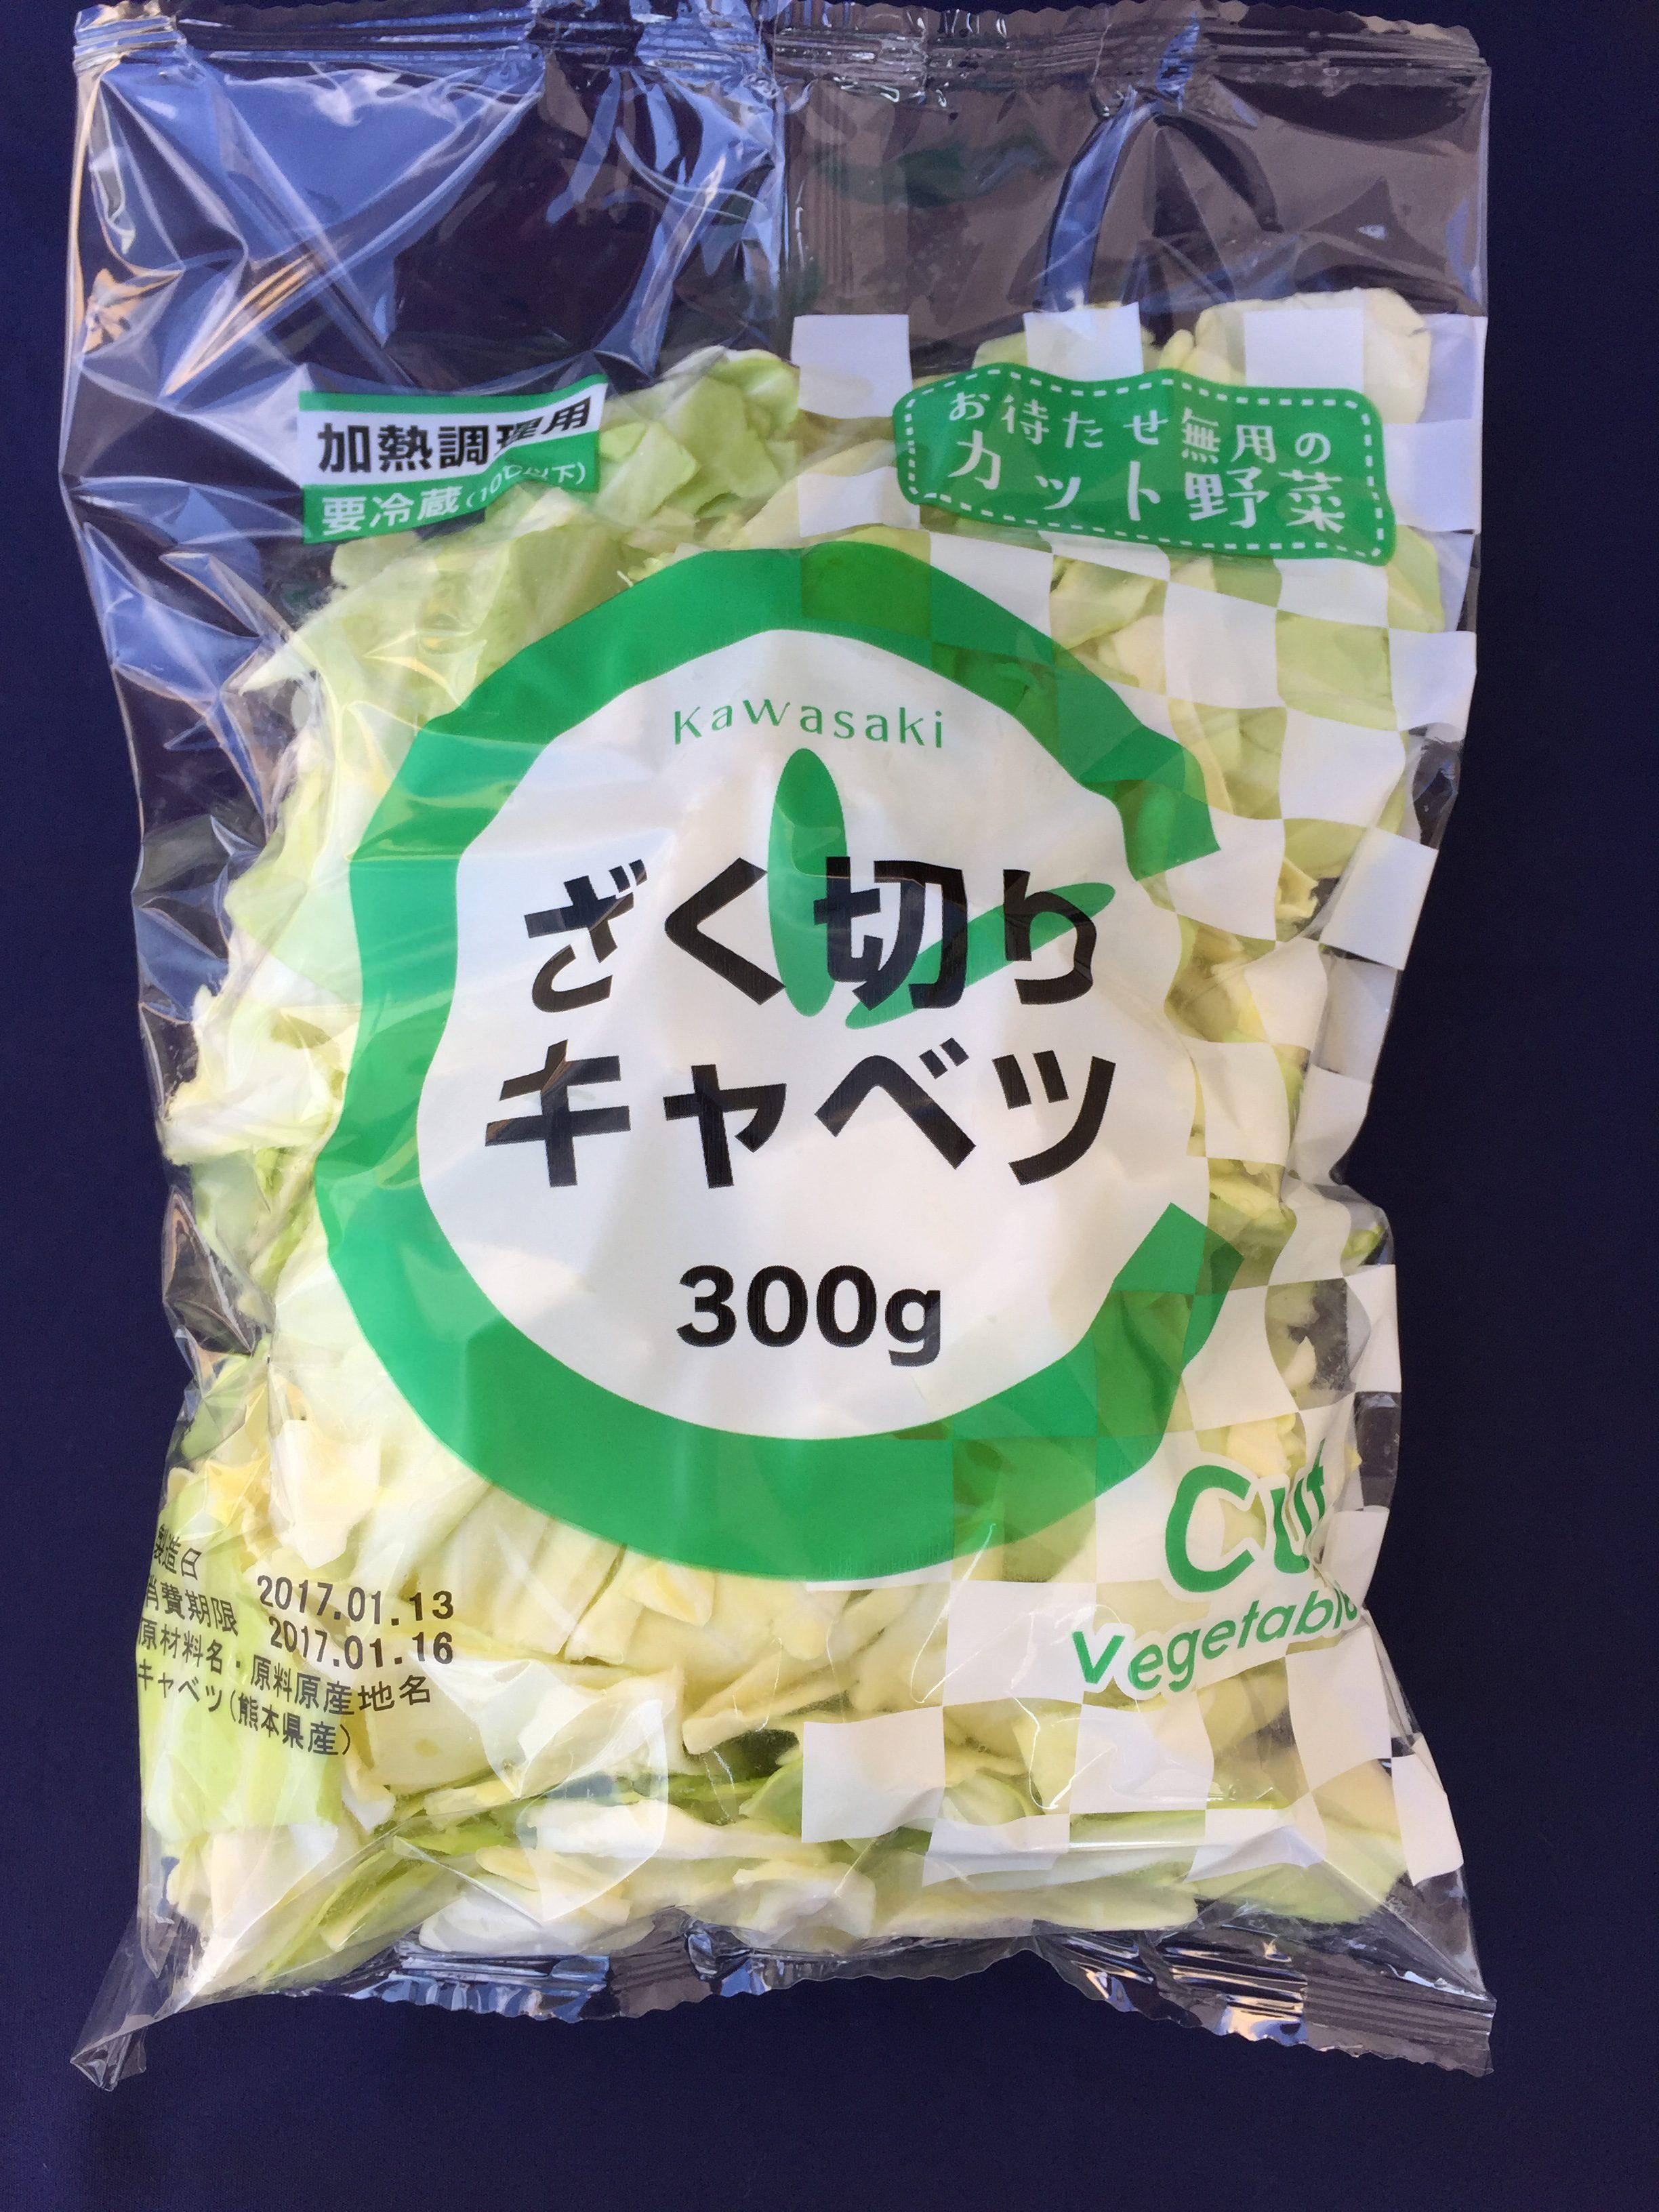 ざく切りキャベツ(300g・キャベツ)